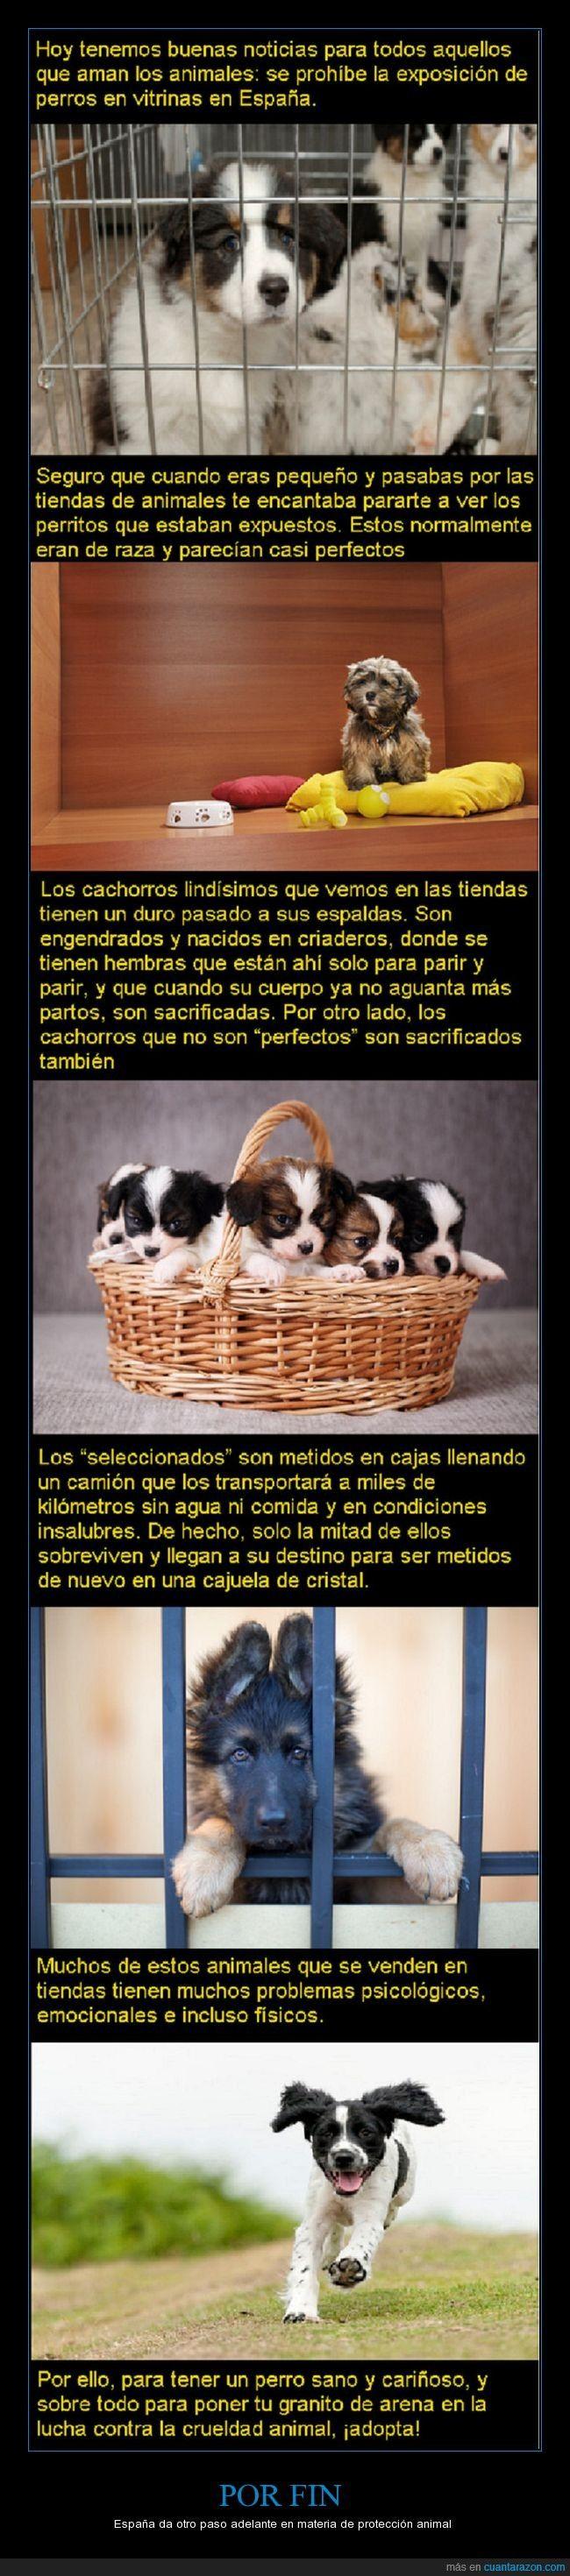 Nunca más verás perros en exposición en vitrinas - España da otro paso adelante en materia de protección animal   Gracias a http://www.cuantarazon.com/   Si quieres leer la noticia completa visita: http://www.estoy-aburrido.com/nunca-mas-veras-perros-en-exposicion-en-vitrinas-espana-da-otro-paso-adelante-en-materia-de-proteccion-animal/